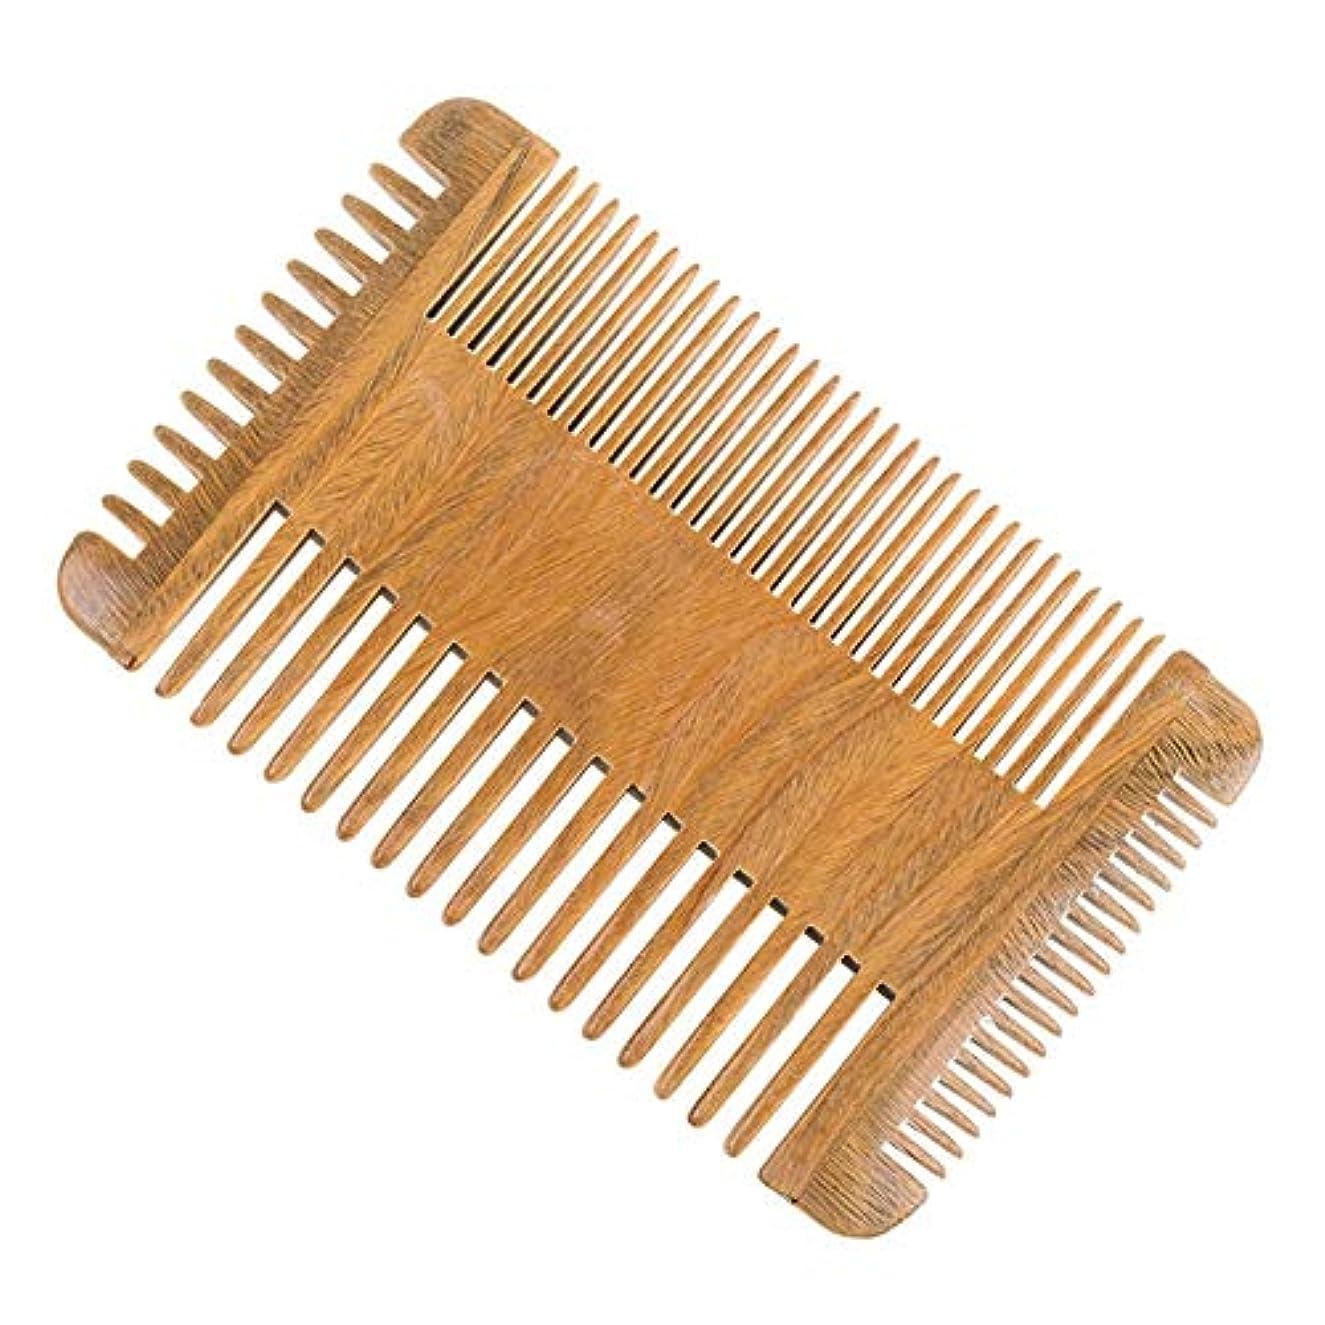 ことわざモットー市場Guomao グリーンタンハードミュートコームトーンコームひげの歯トゥースコーム